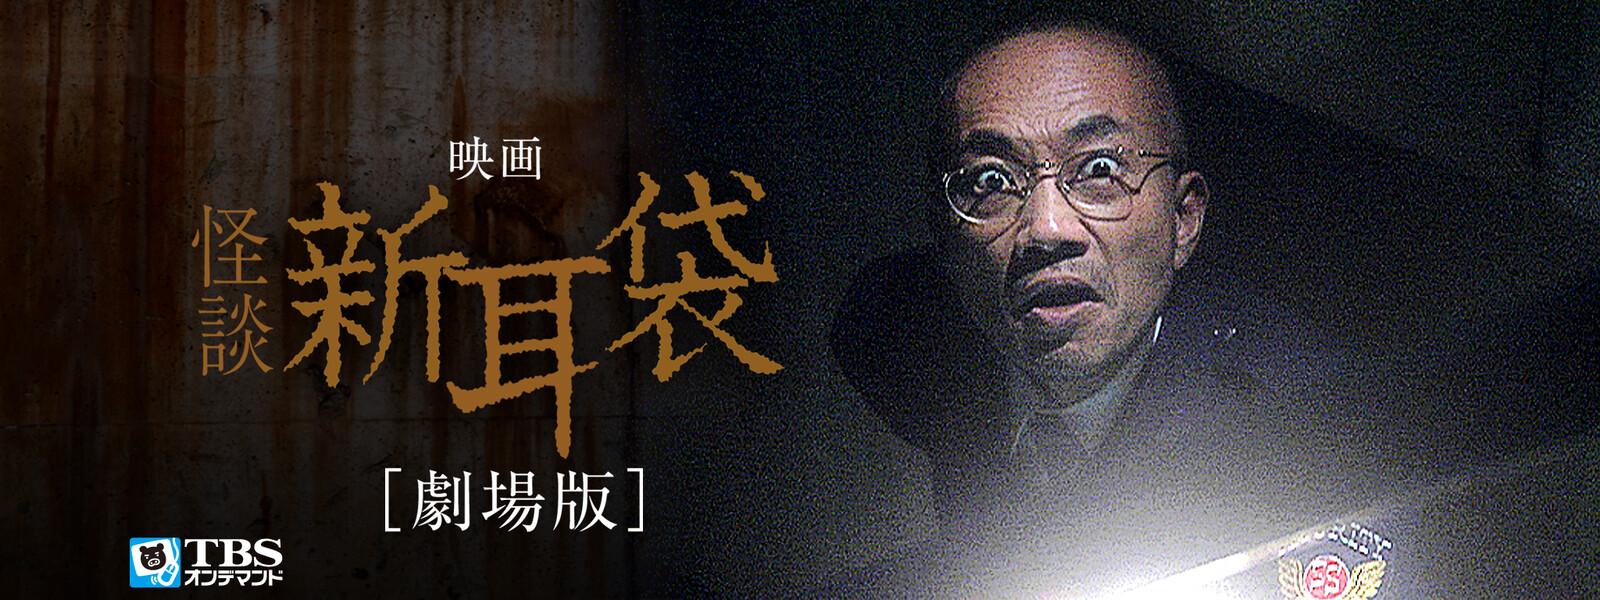 怪談新耳袋 劇場版の動画 - 怪談新耳袋Gメン復活編